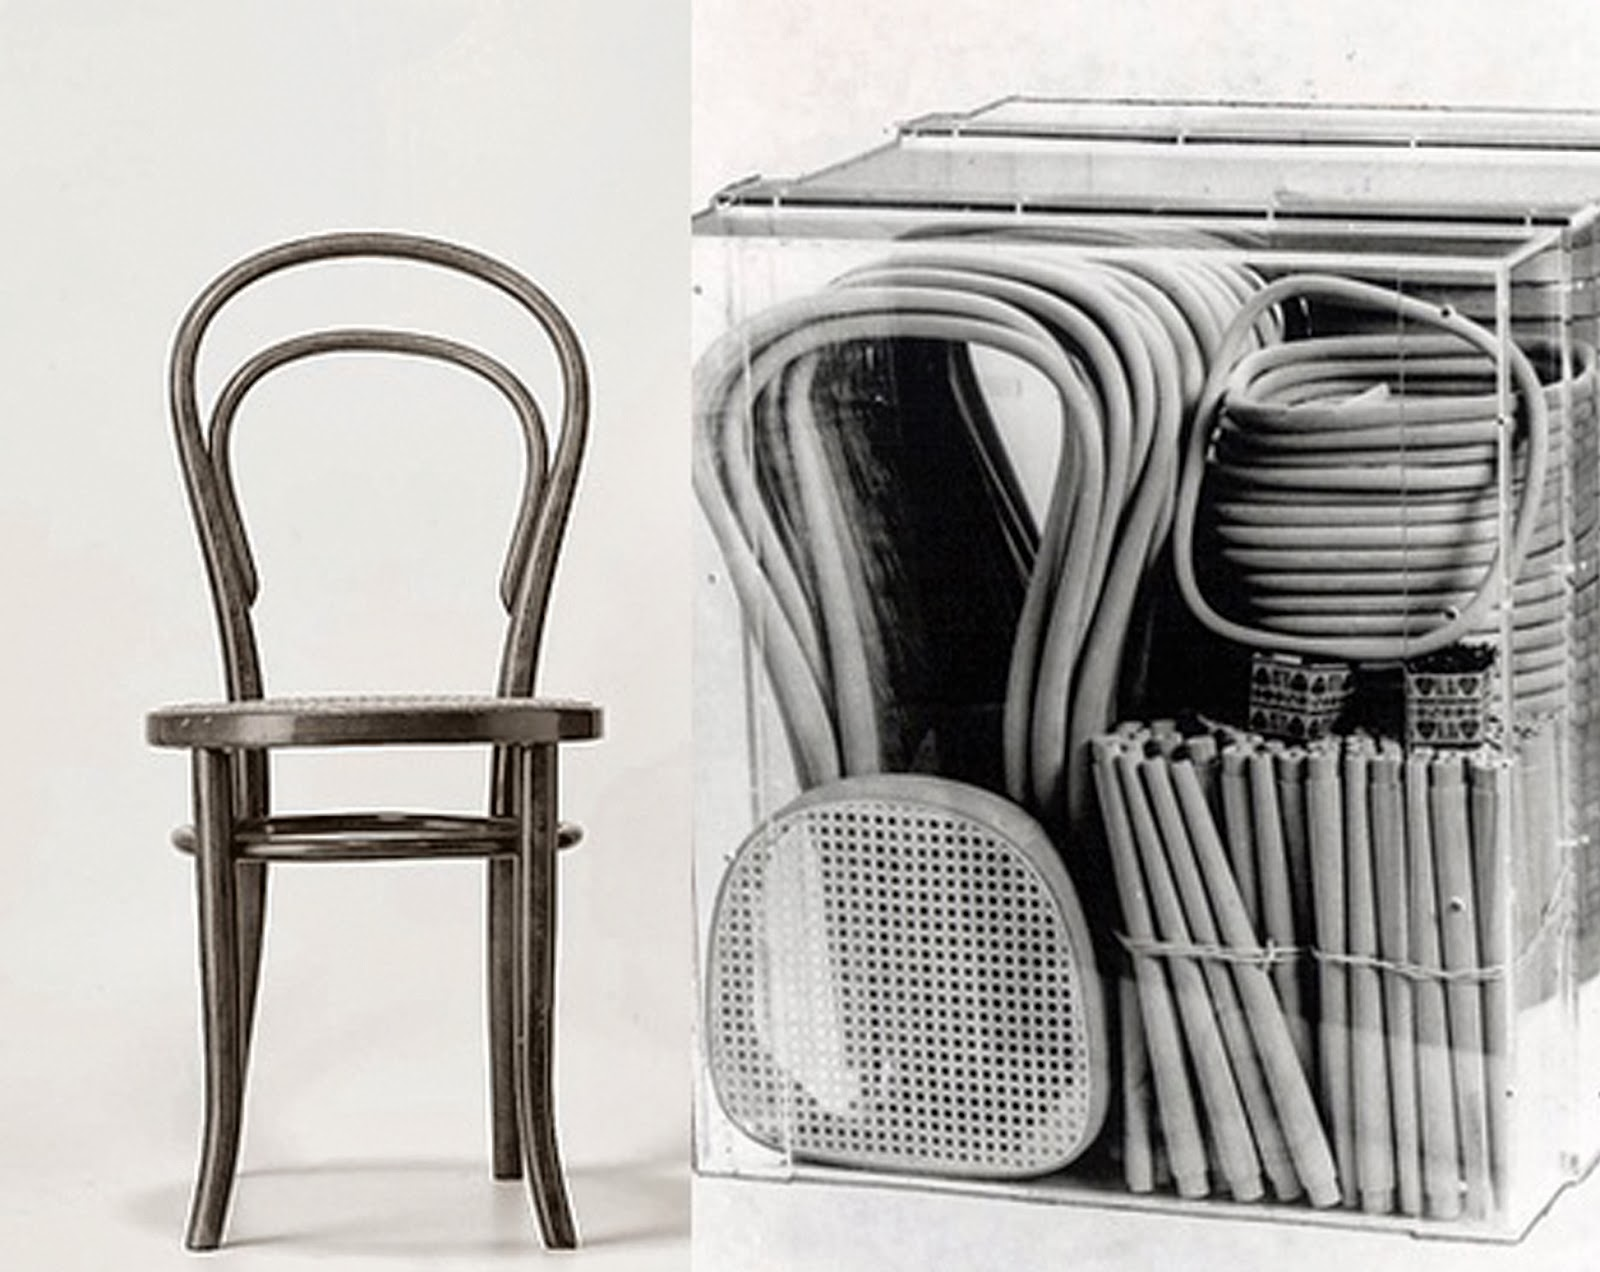 Foto de la silla nº 14 y sus piezas